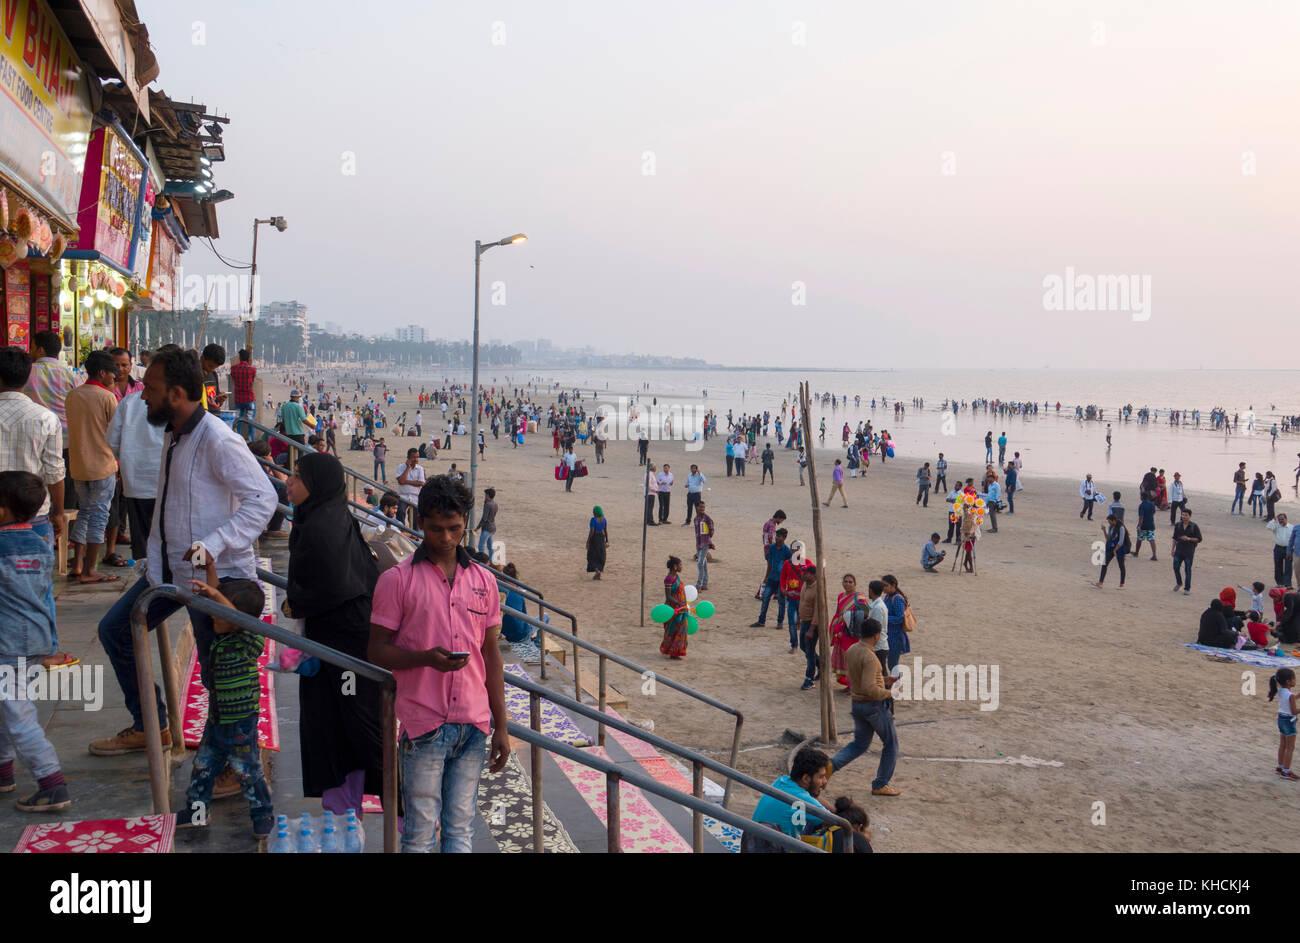 Crowds enjoy afternoon on Juhu Beach, Mumbai - Stock Image